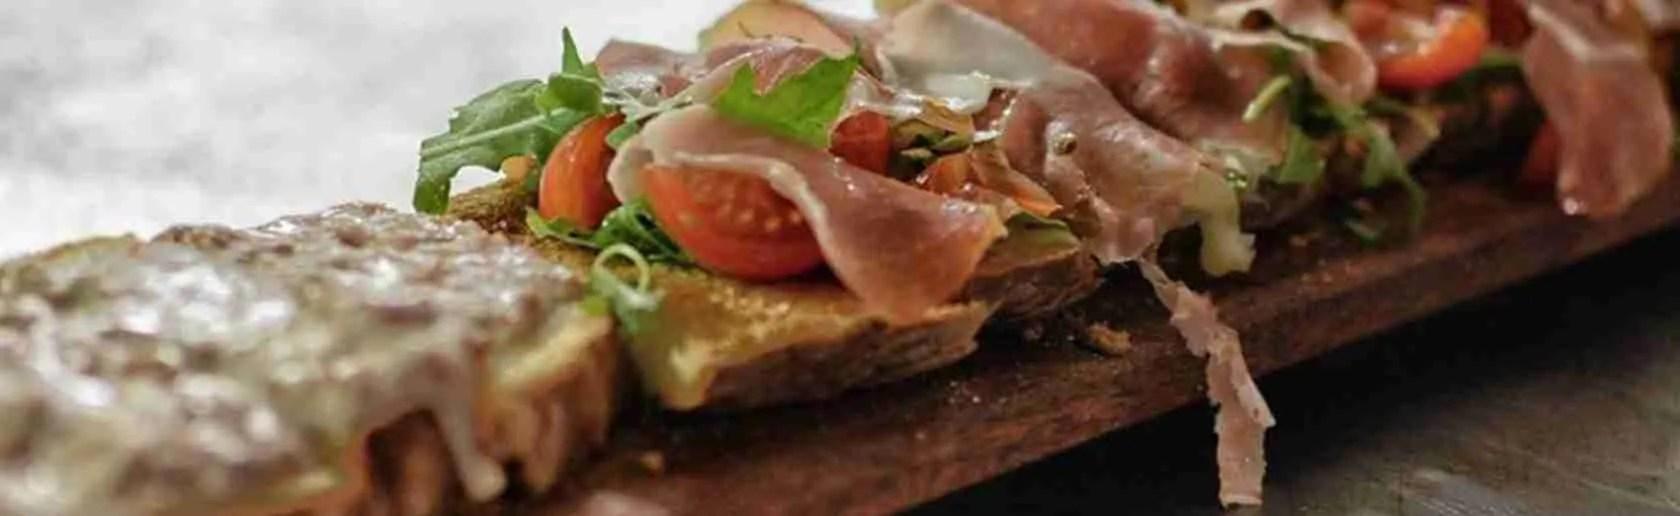 Le top class escort Firenze adorano fare uno spuntino con un panino al lampredotto.